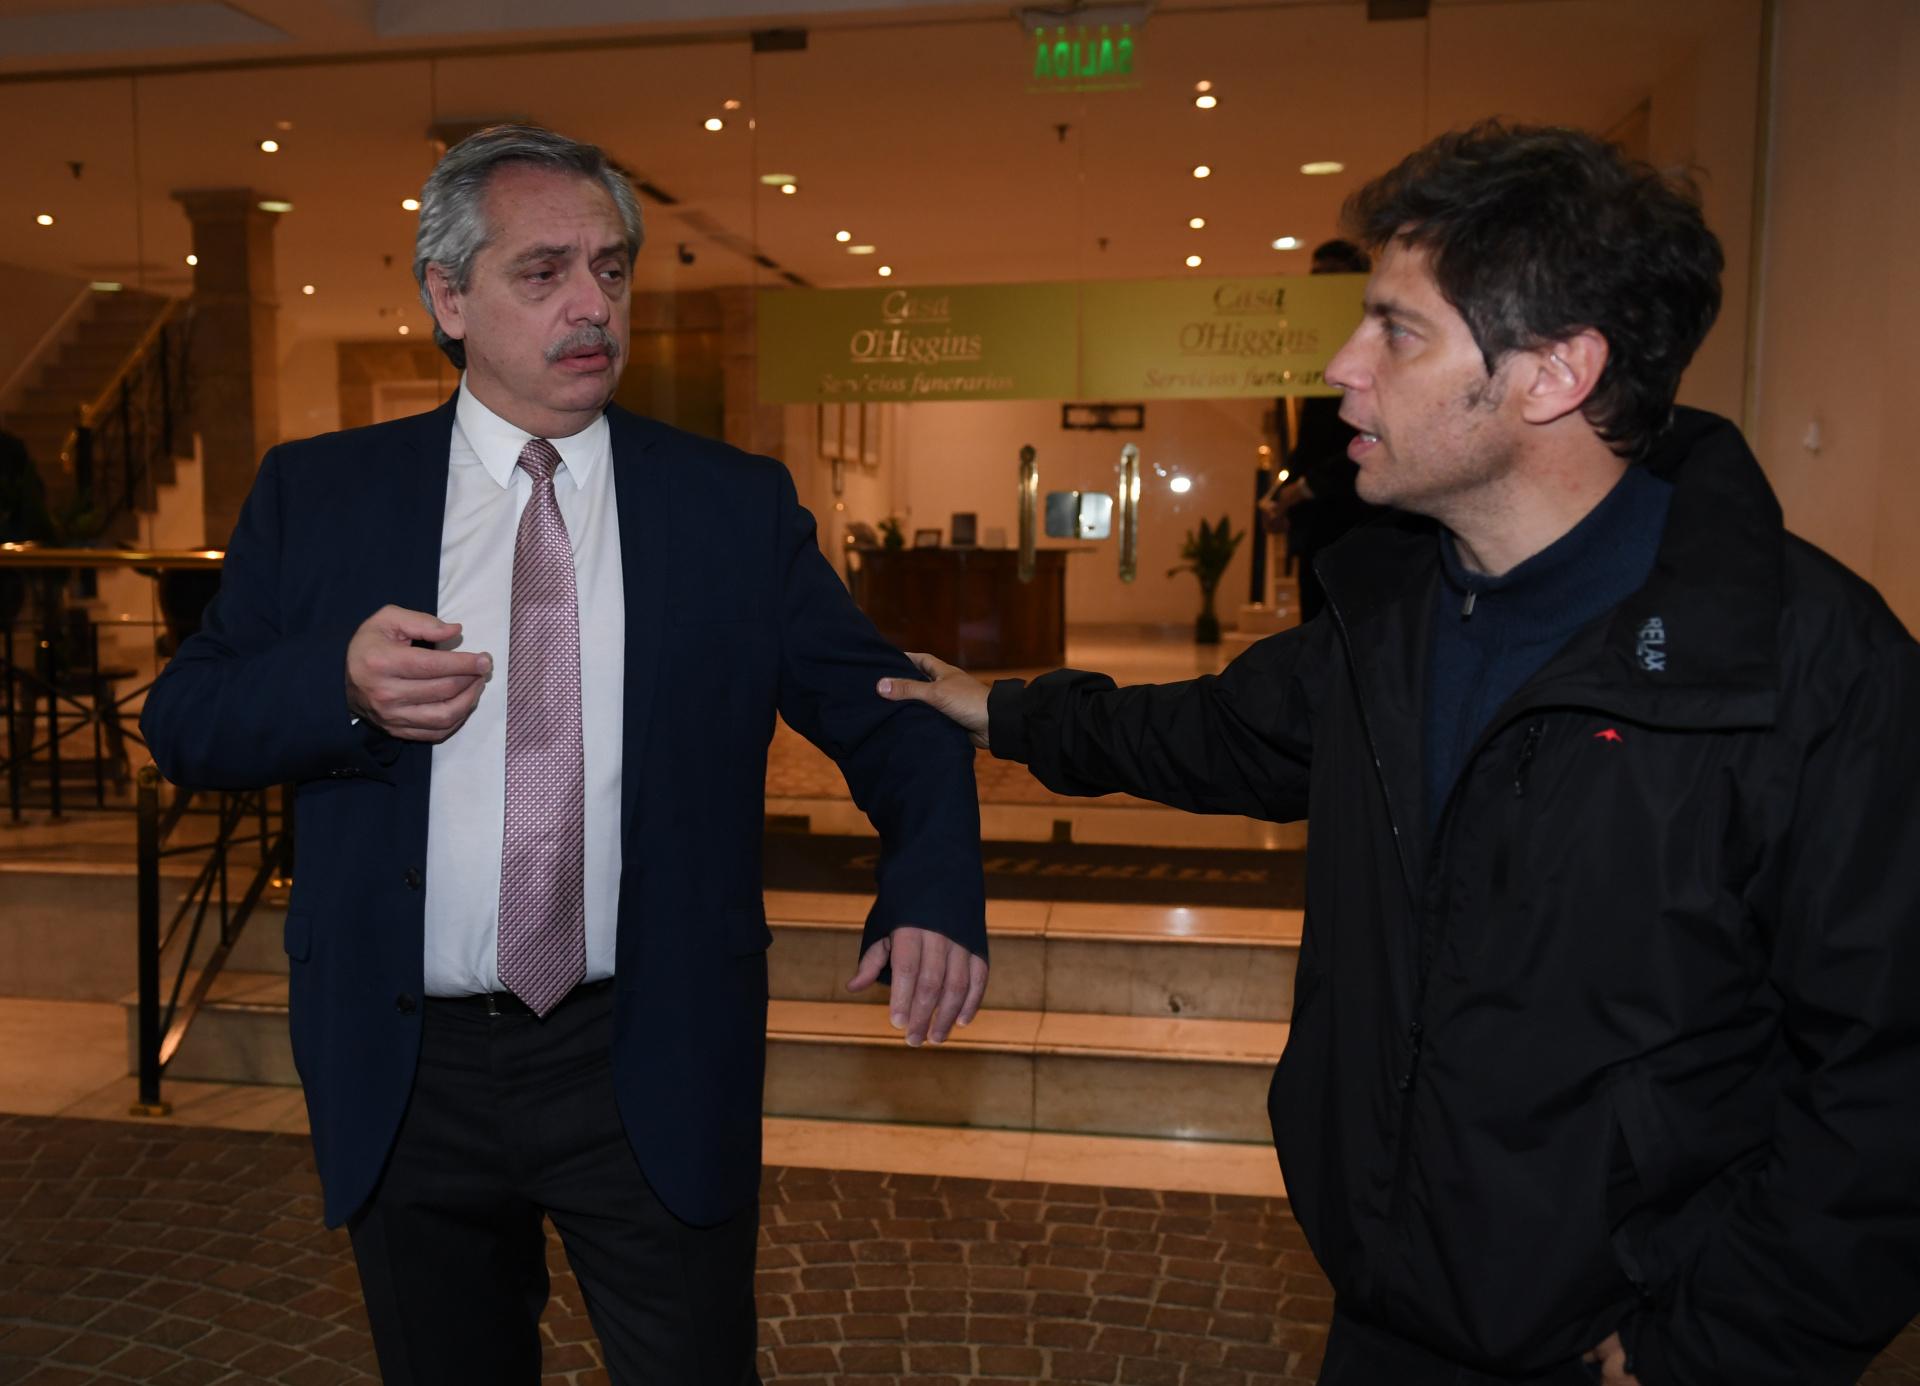 El candidato a presidente por el Frente de Todos, Alberto Fernández, junto al candidato a gobernador bonaerense por ese frente, Axel Kicillof